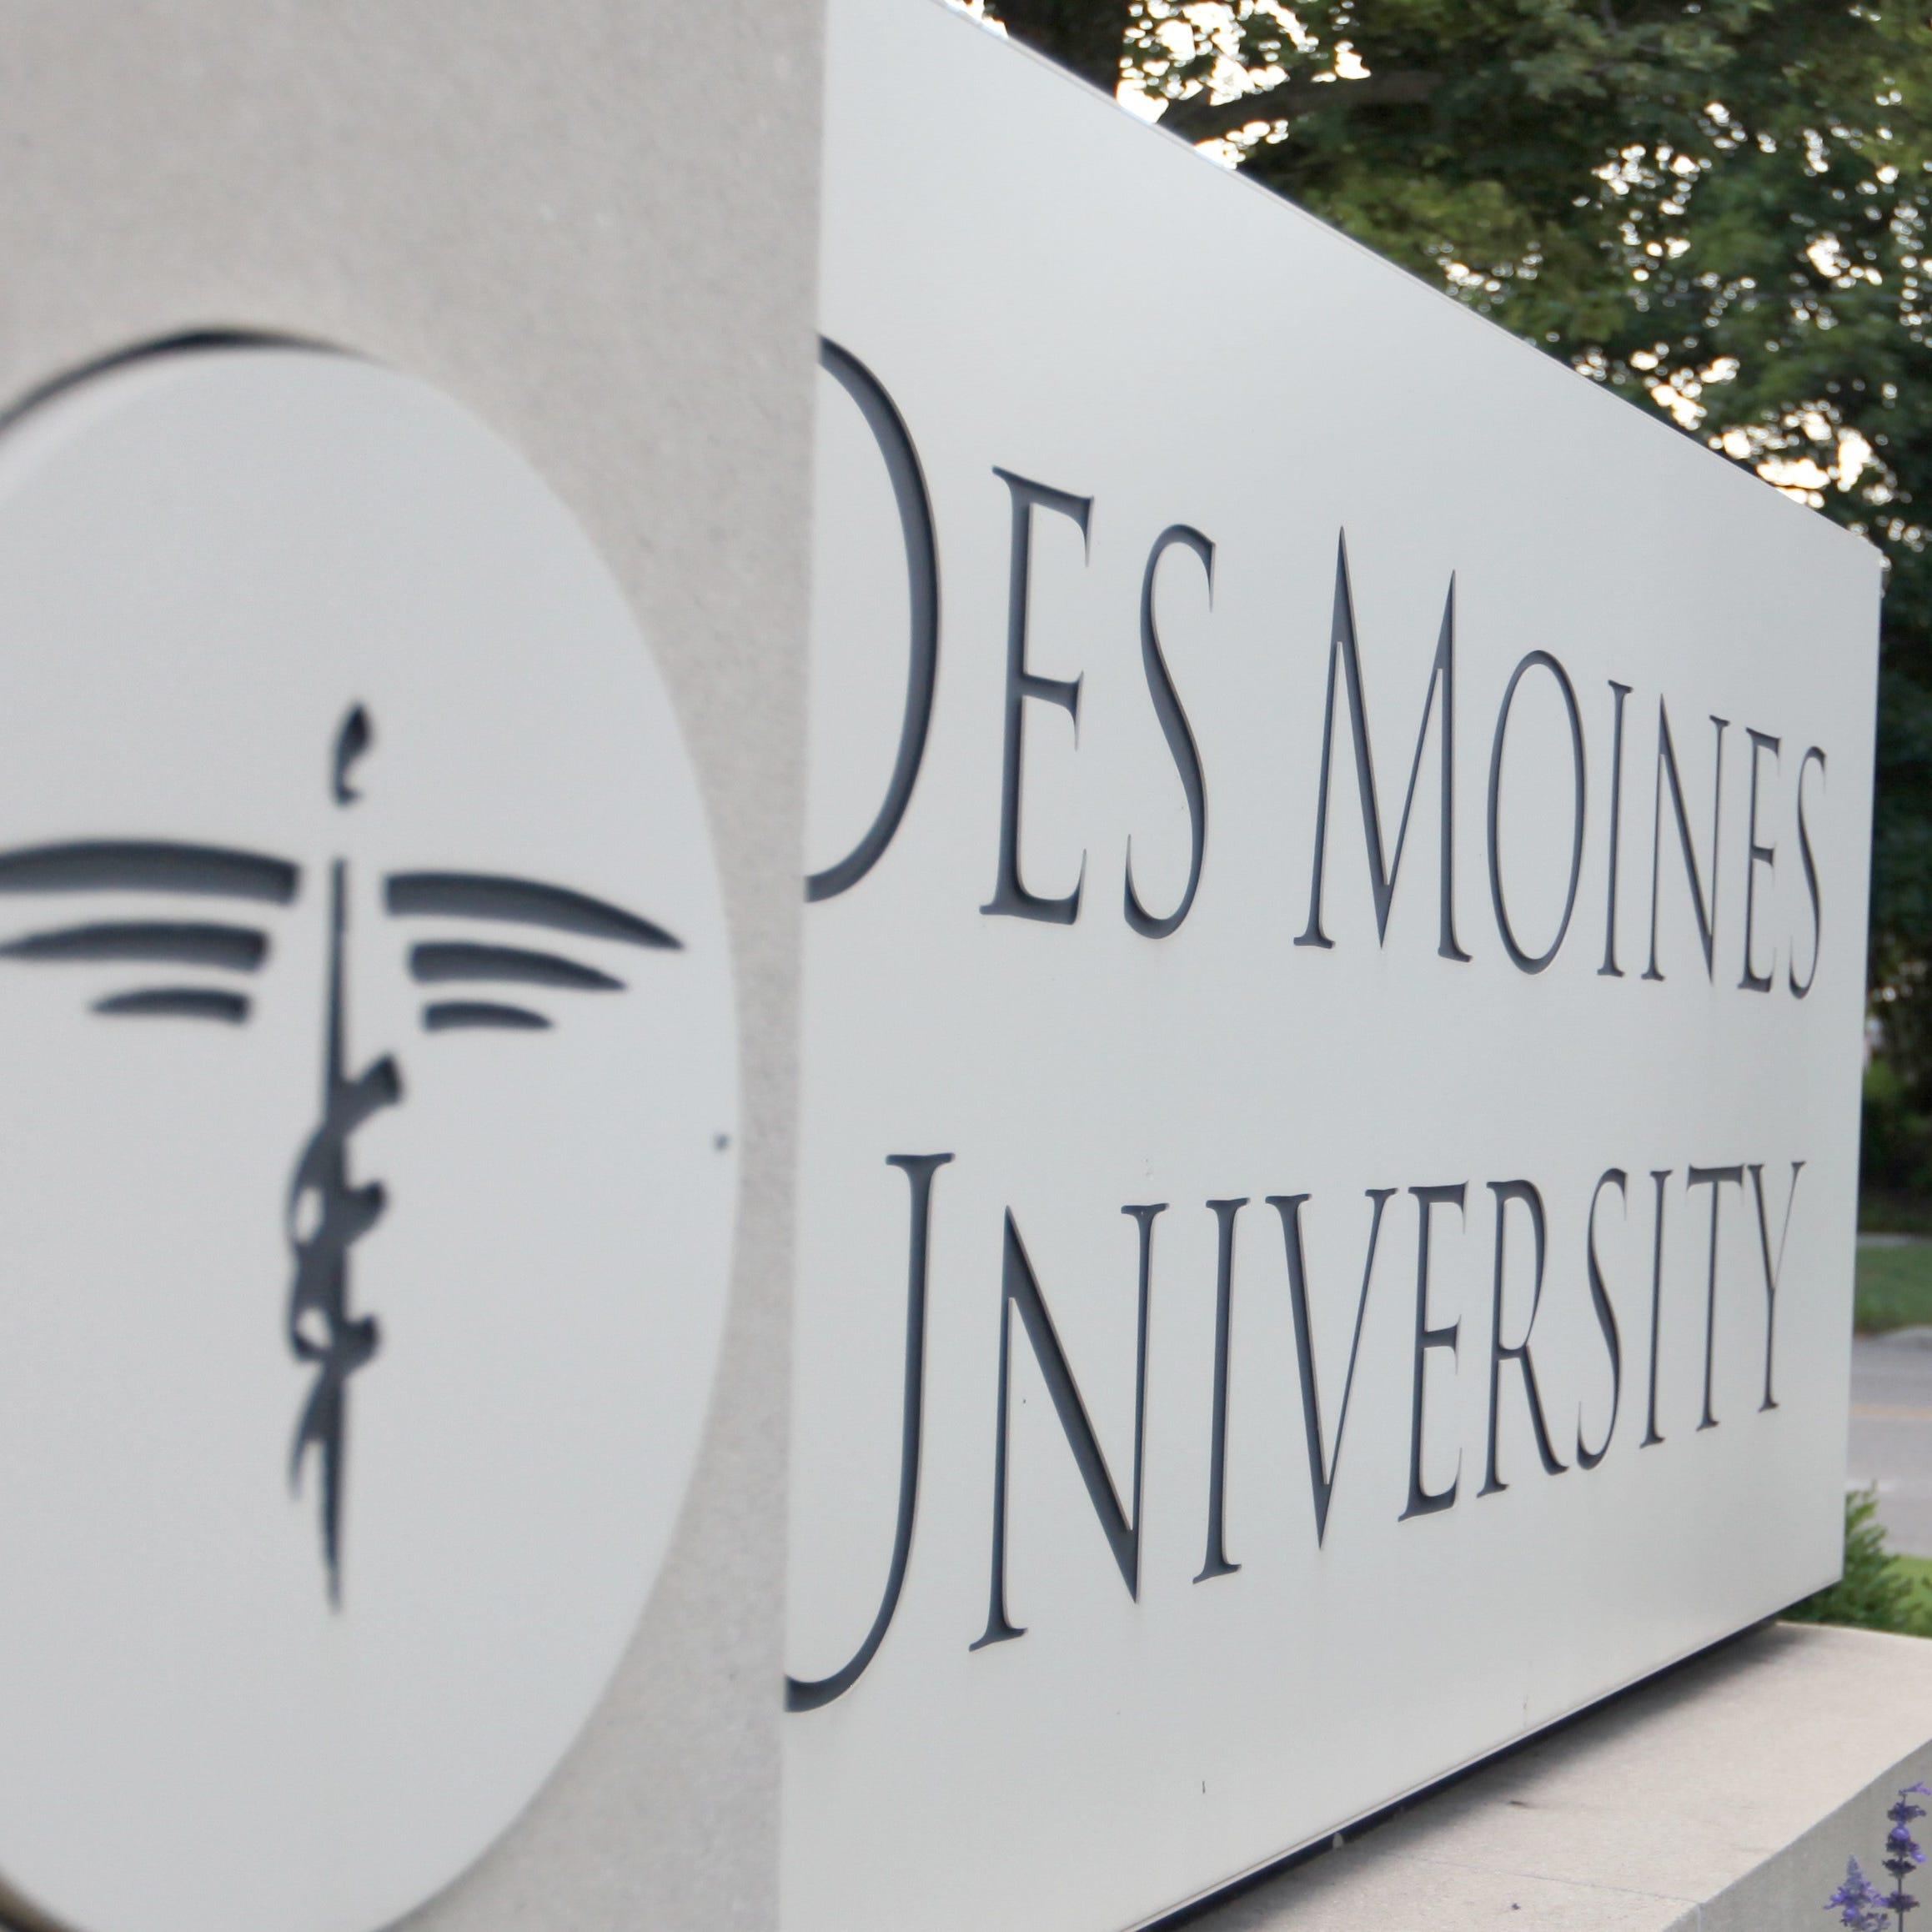 Des Moines University plans move to West Des Moines